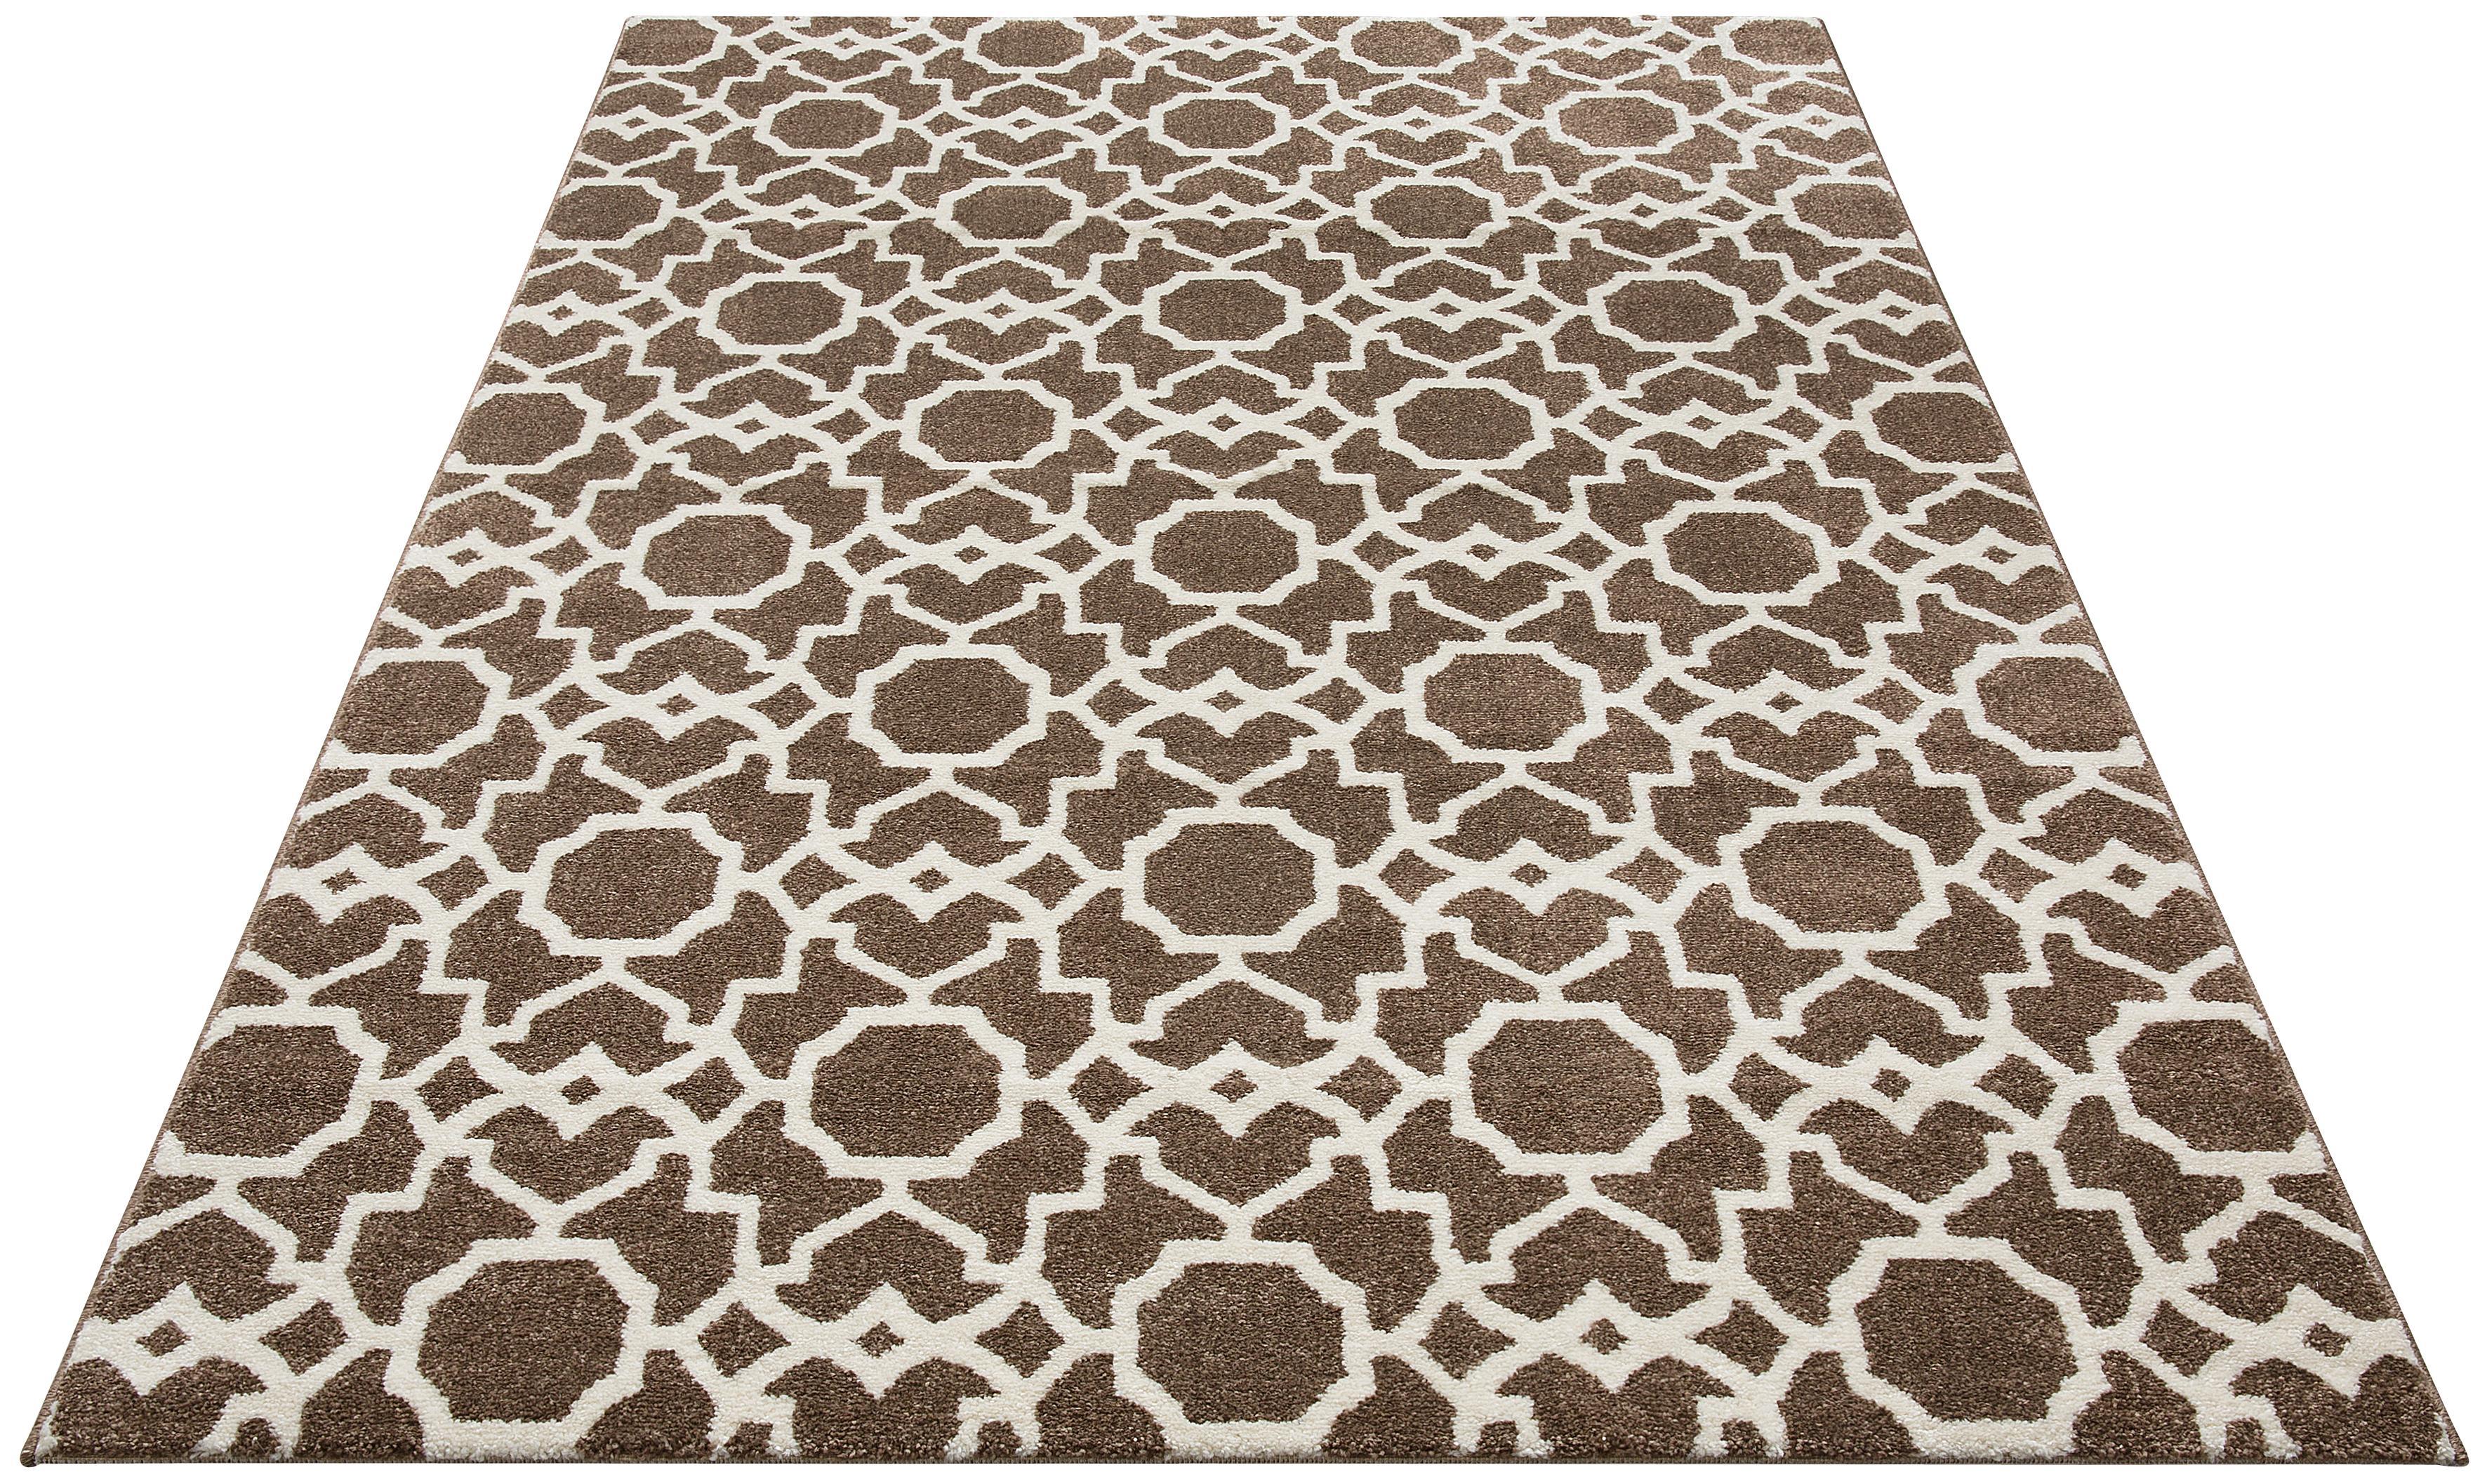 Teppich Amsterdam Guido Maria Kretschmer Home&Living rechteckig Höhe 13 mm maschinell gewebt